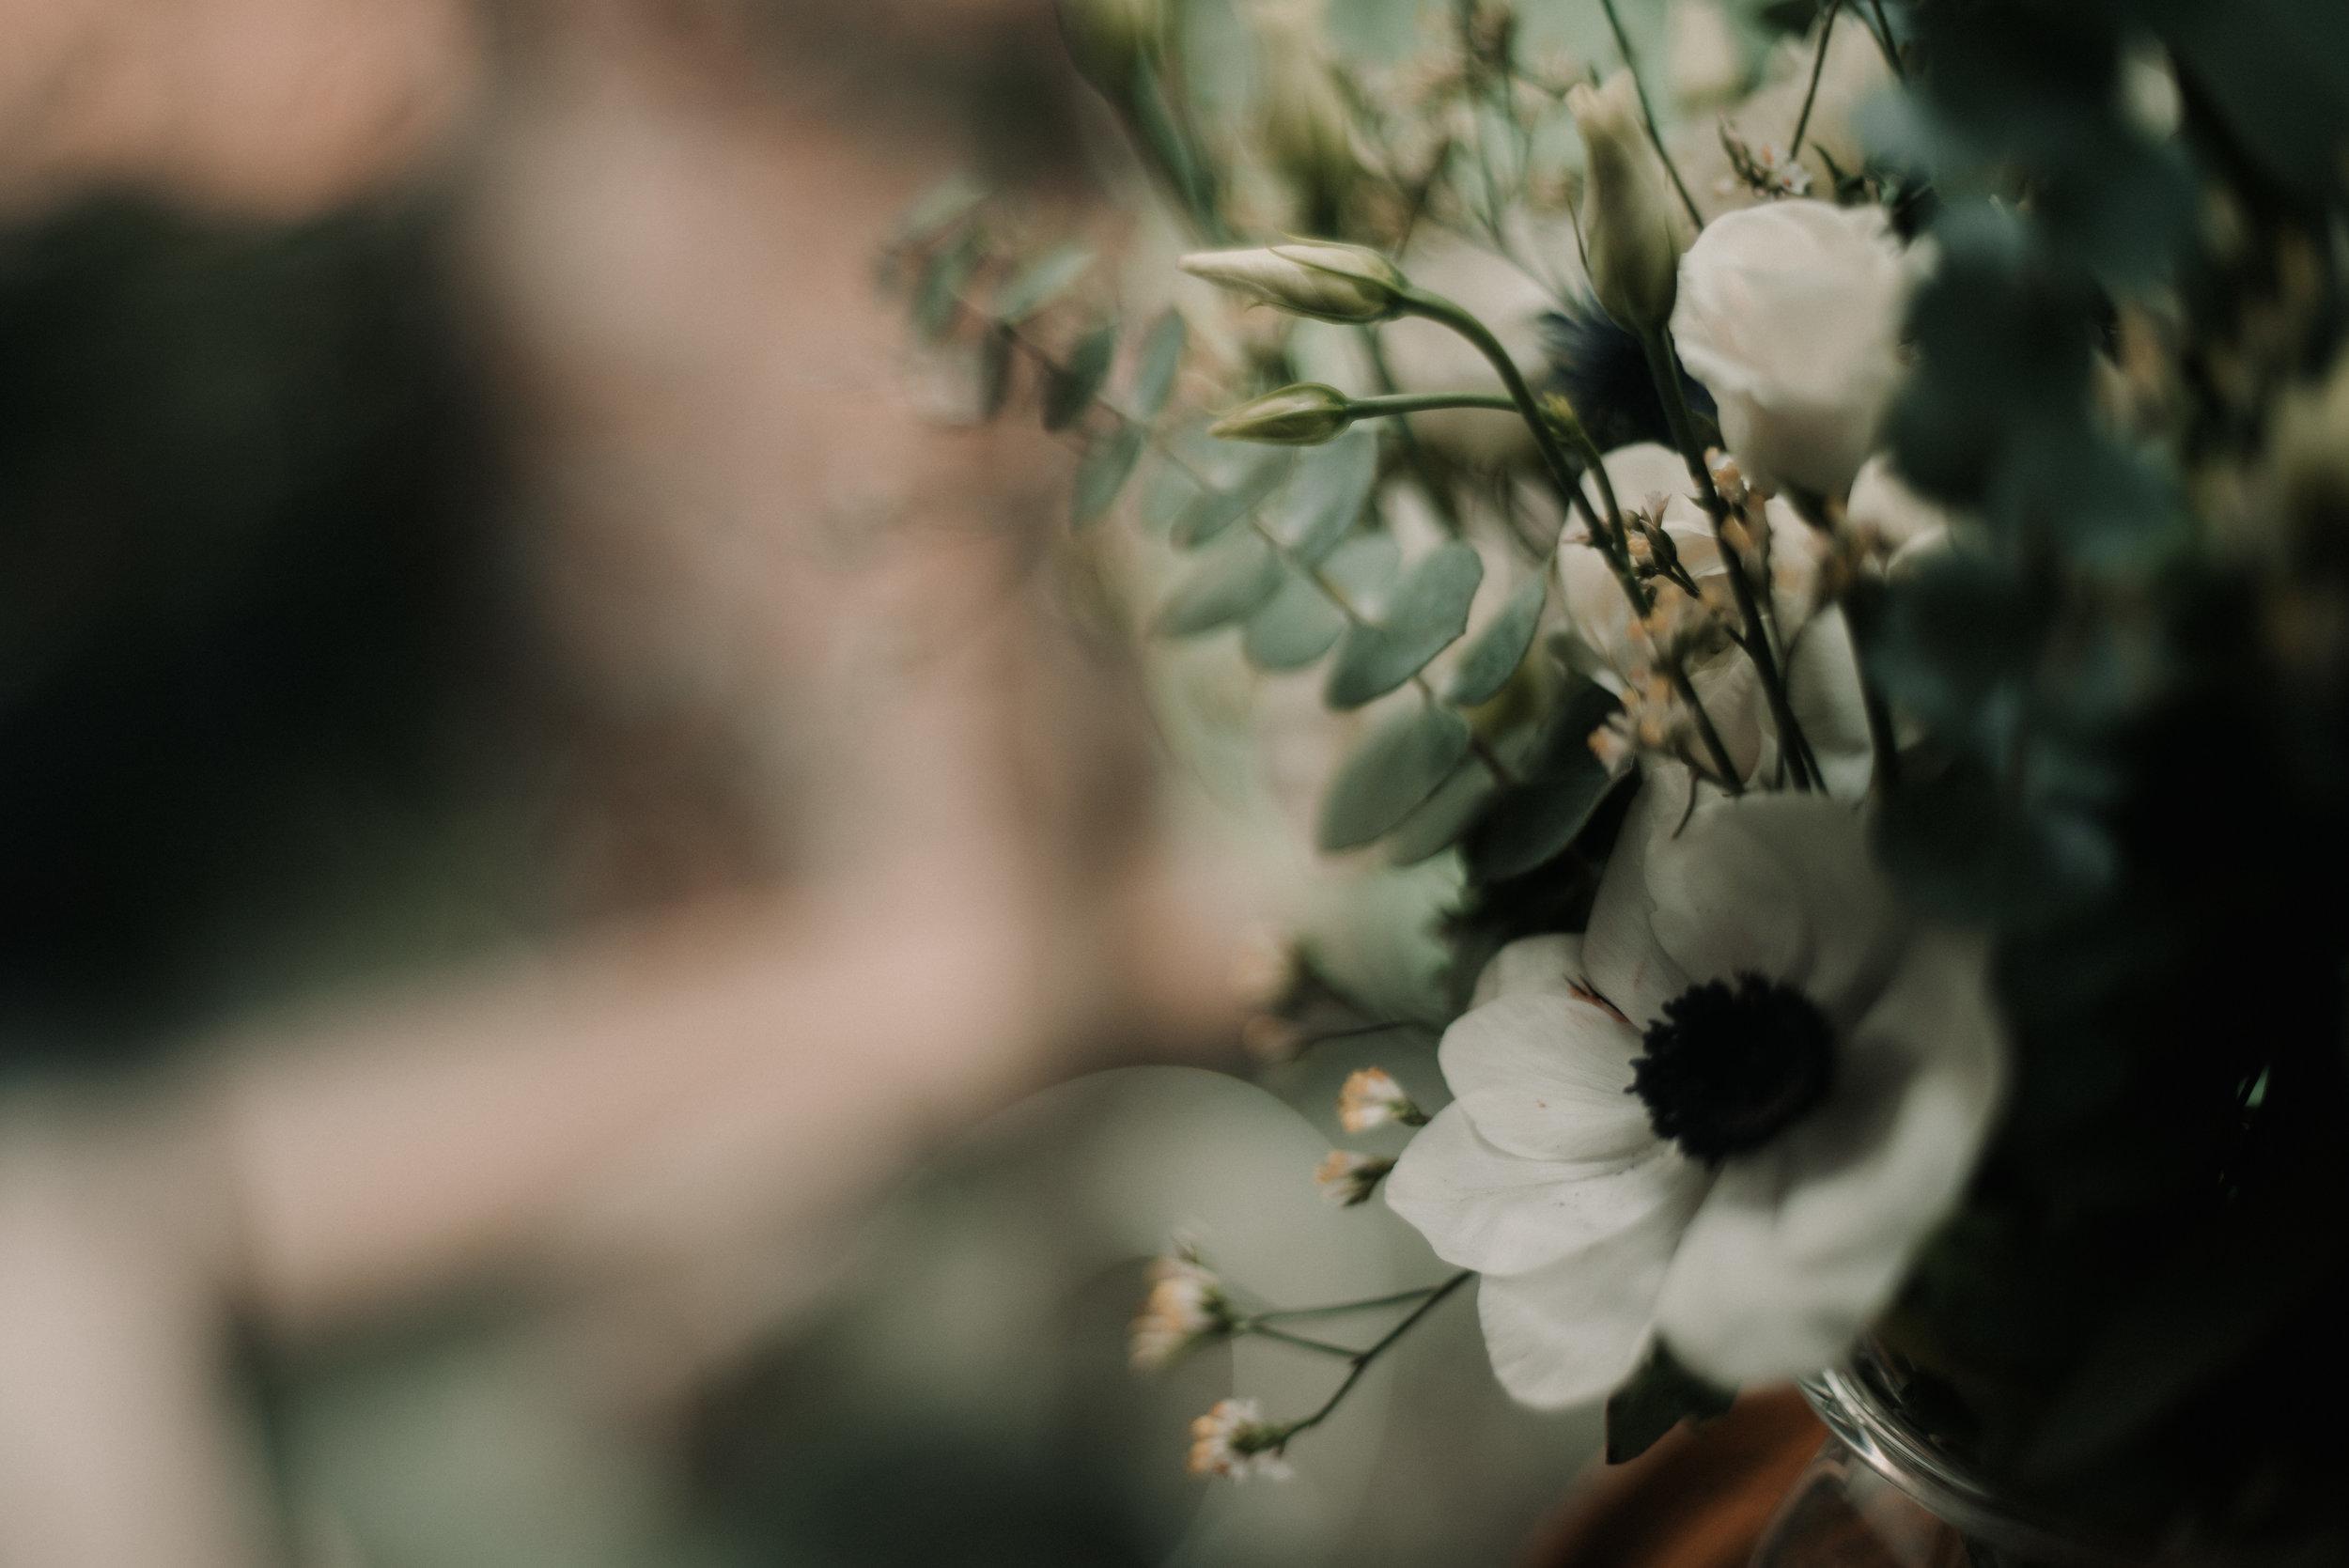 Léa-Fery-photographe-professionnel-lyon-rhone-alpes-portrait-creation-mariage-evenement-evenementiel-famille-1389.jpg